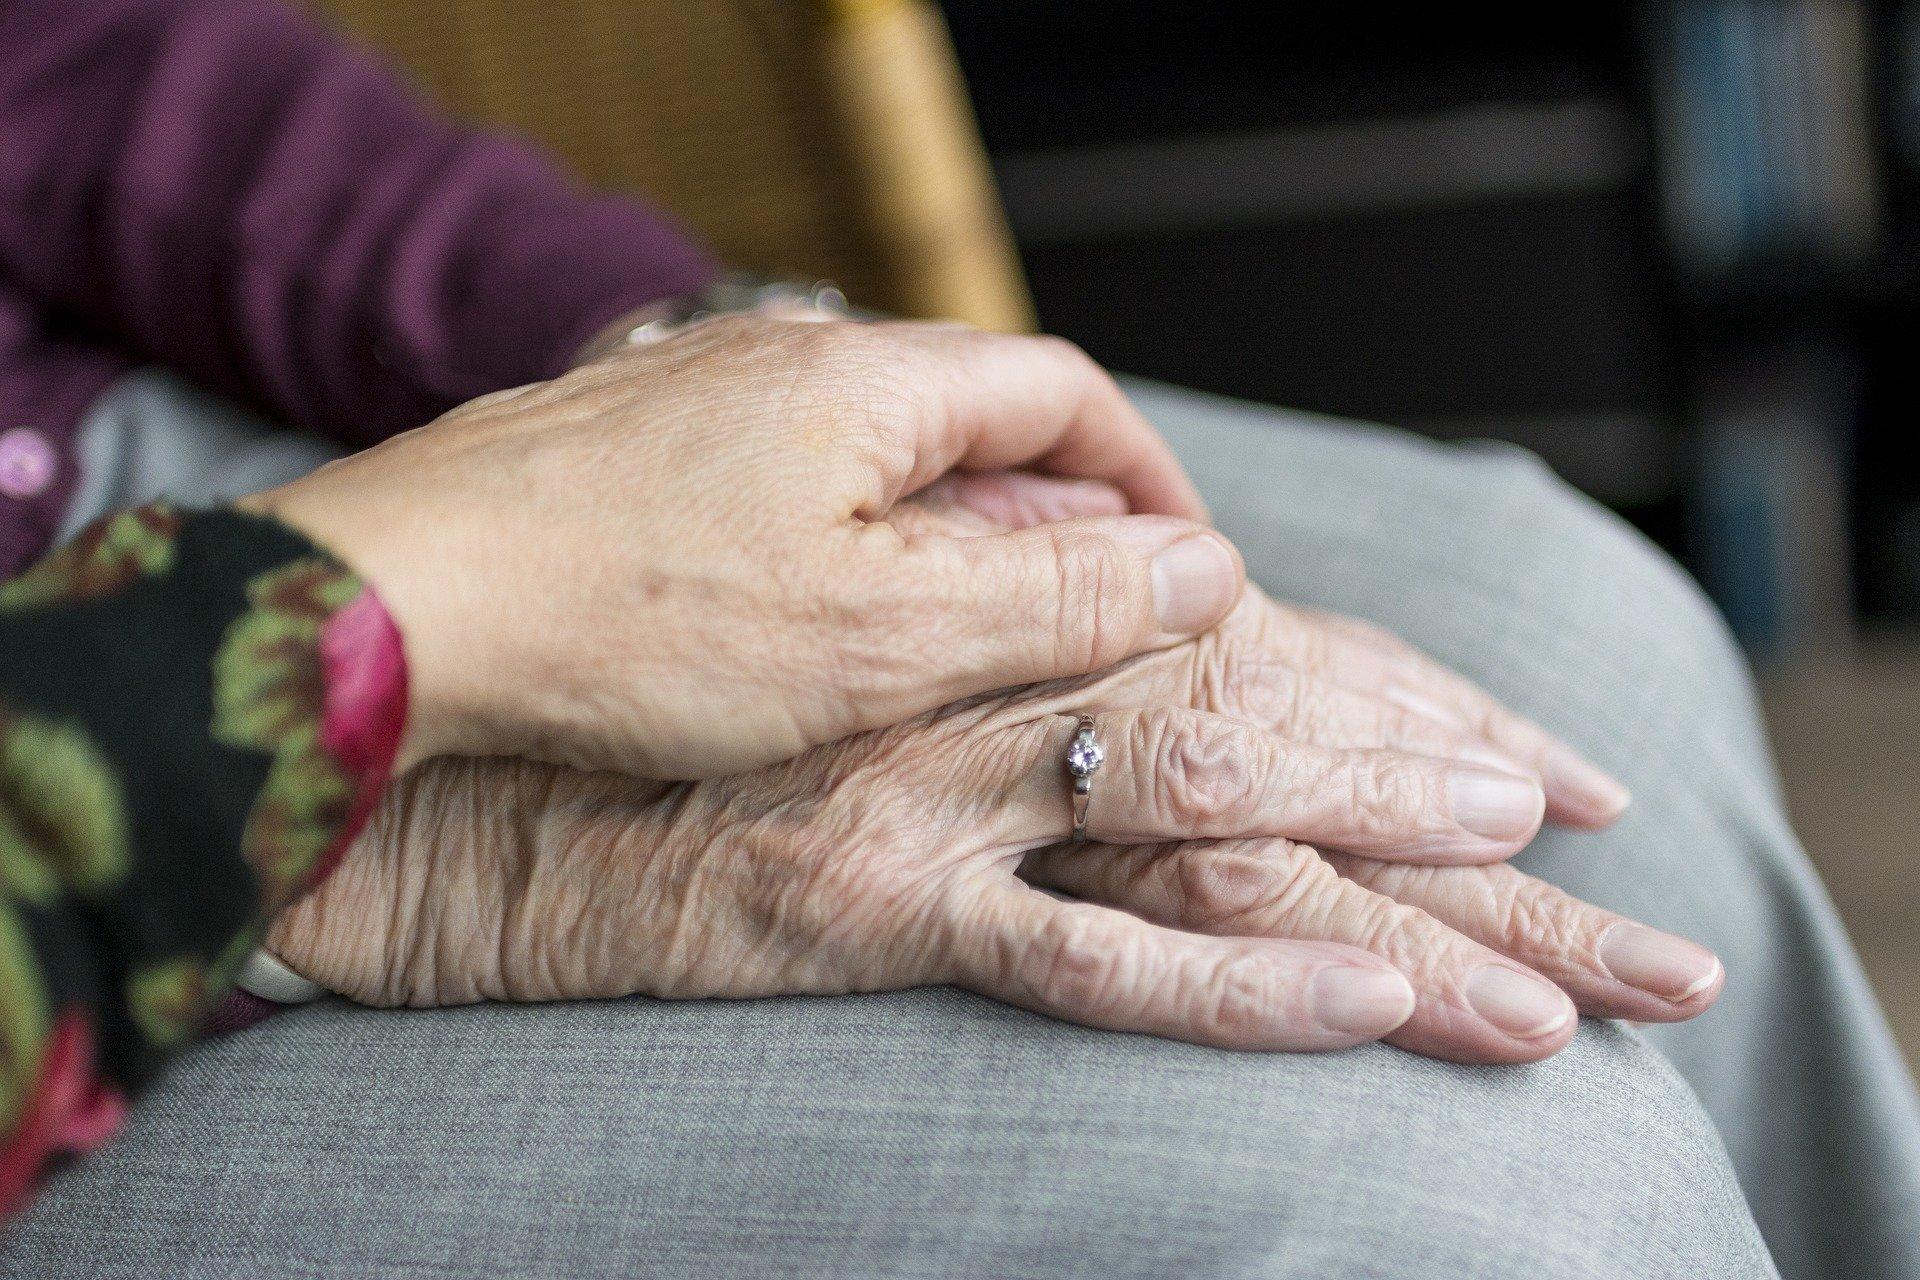 bilde av hendene til en eldre person som ligger på kneet. En annen person har lagt hånden sin over den eldres hender.